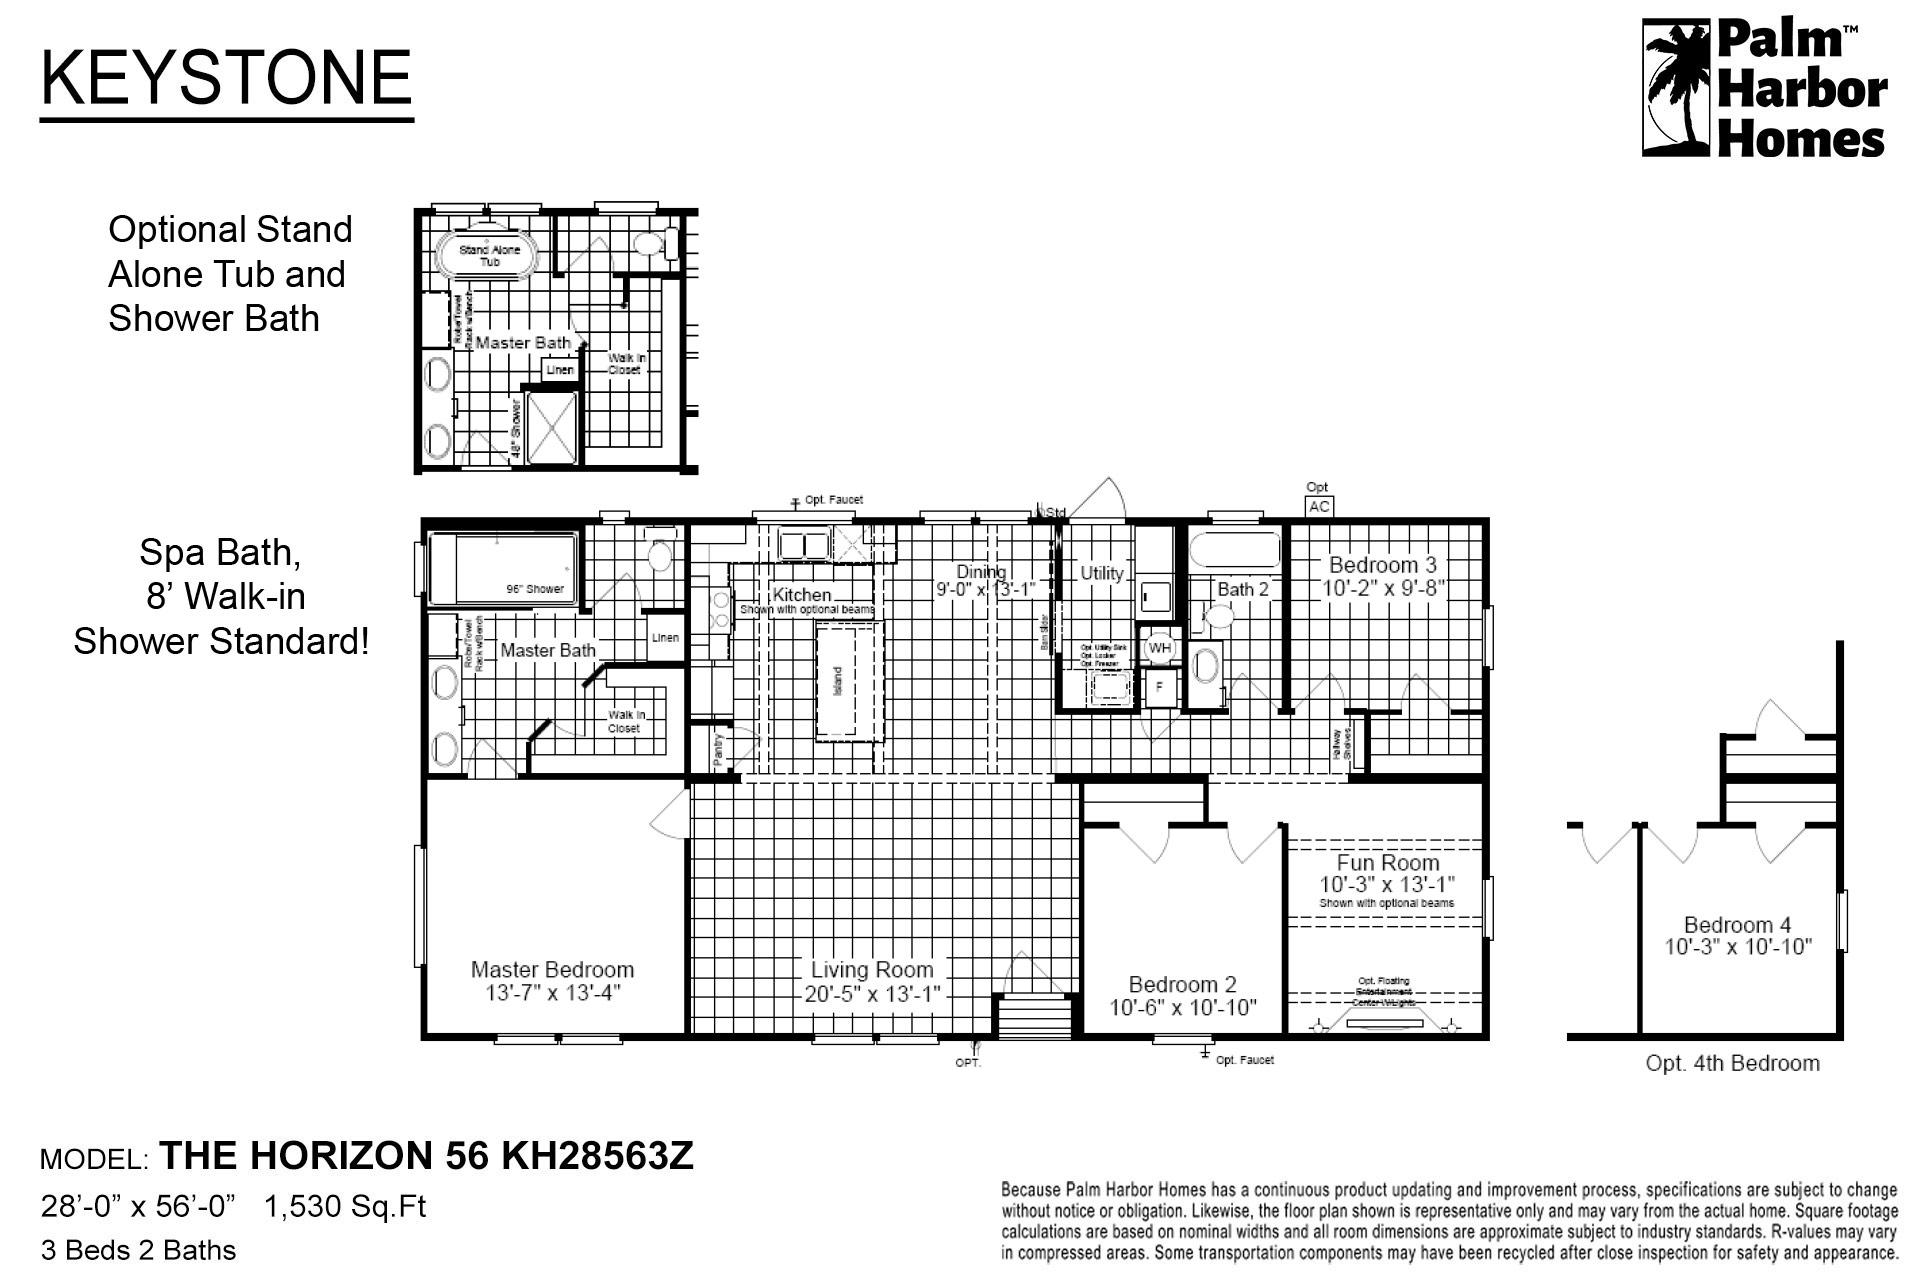 Keystone The Horizon 56 KH28563Z Layout